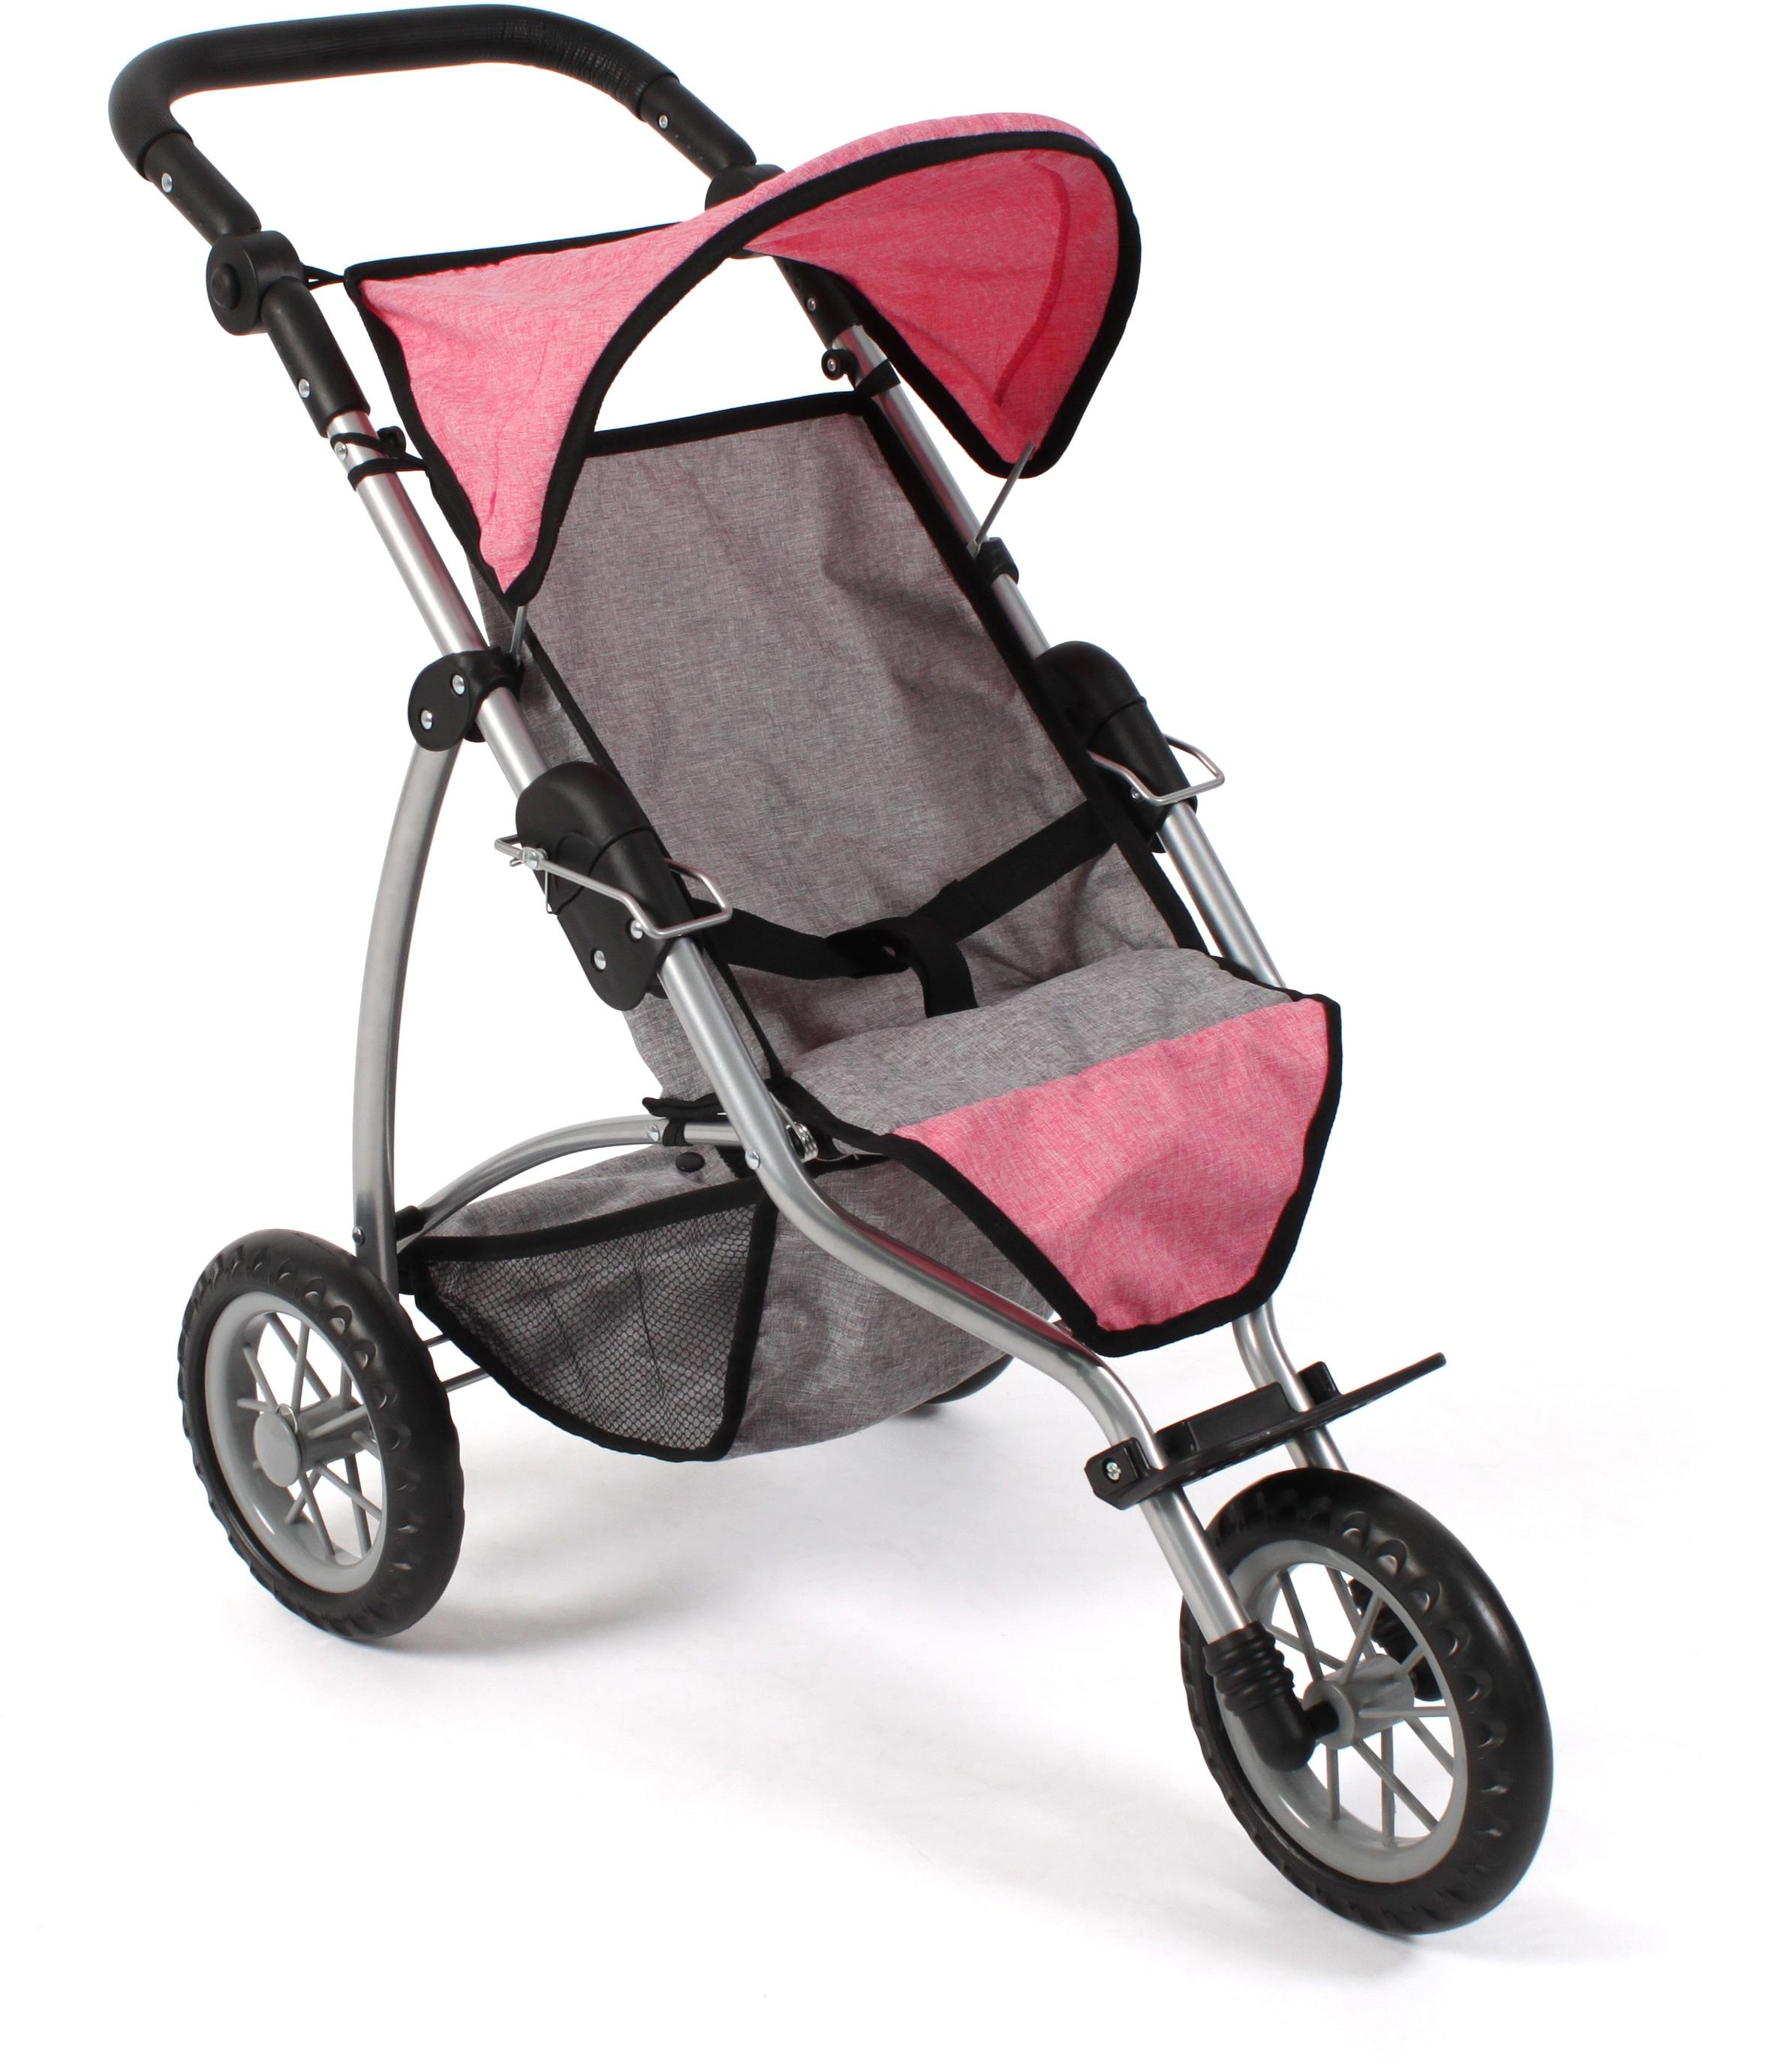 CHIC2000 Puppenbuggy Leon, melange pink grau Kinder Puppenzubehör Puppen Puppenwagen